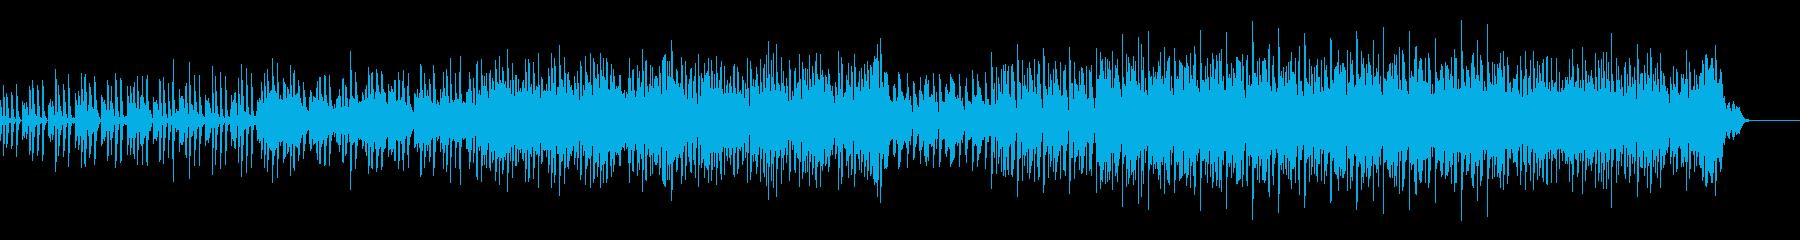 ハイテンポバージョンの再生済みの波形